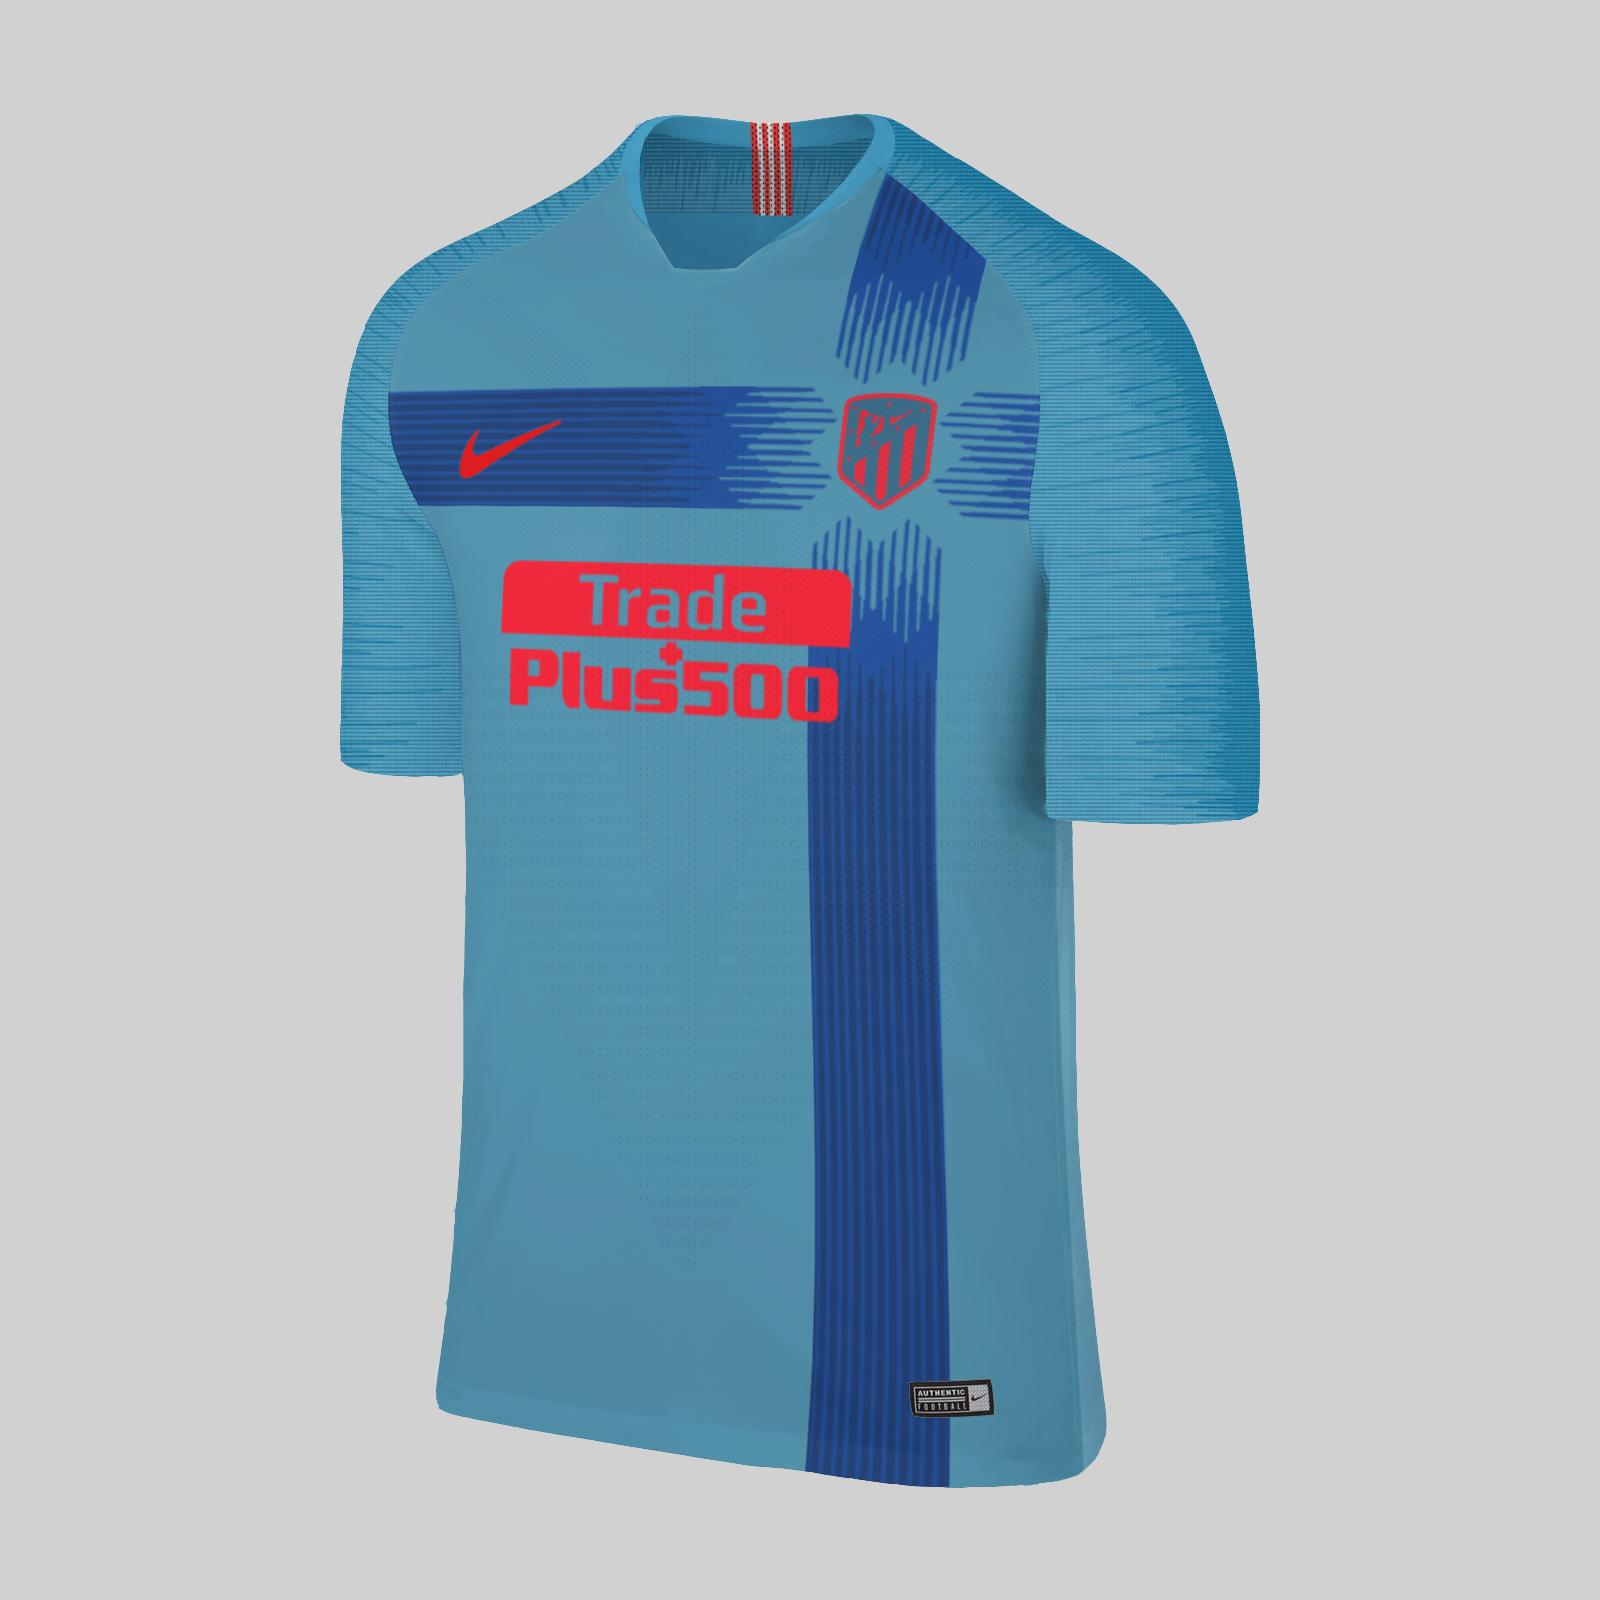 50e4ffdf6 Nike Atlético Madrid Away 2018 2019 Concept